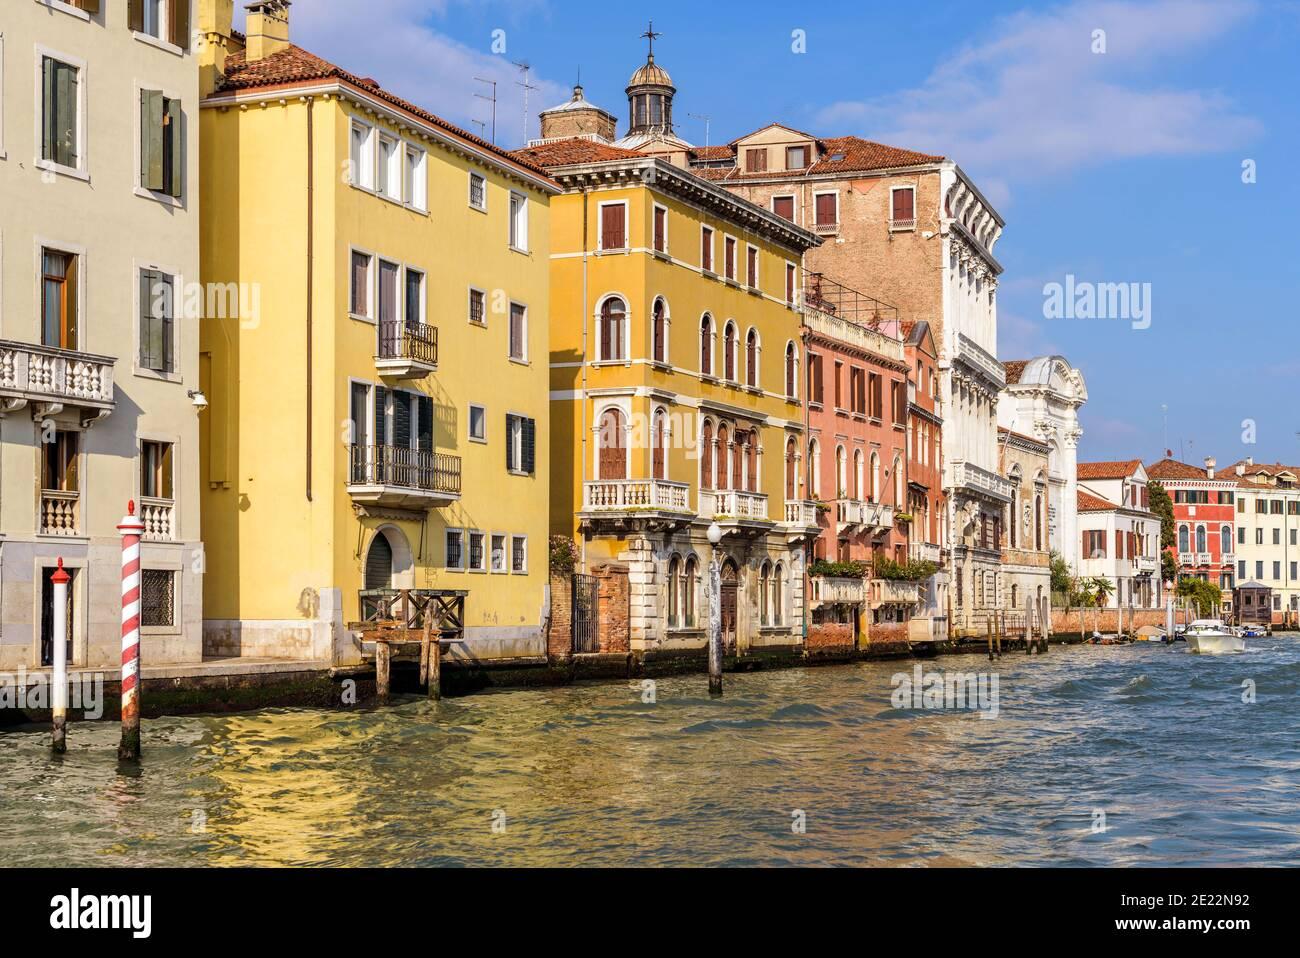 Canale colorato - la luminosa luce del pomeriggio splende su colorati edifici storici sul lato del Canal Grande. Venezia, Italia. Foto Stock